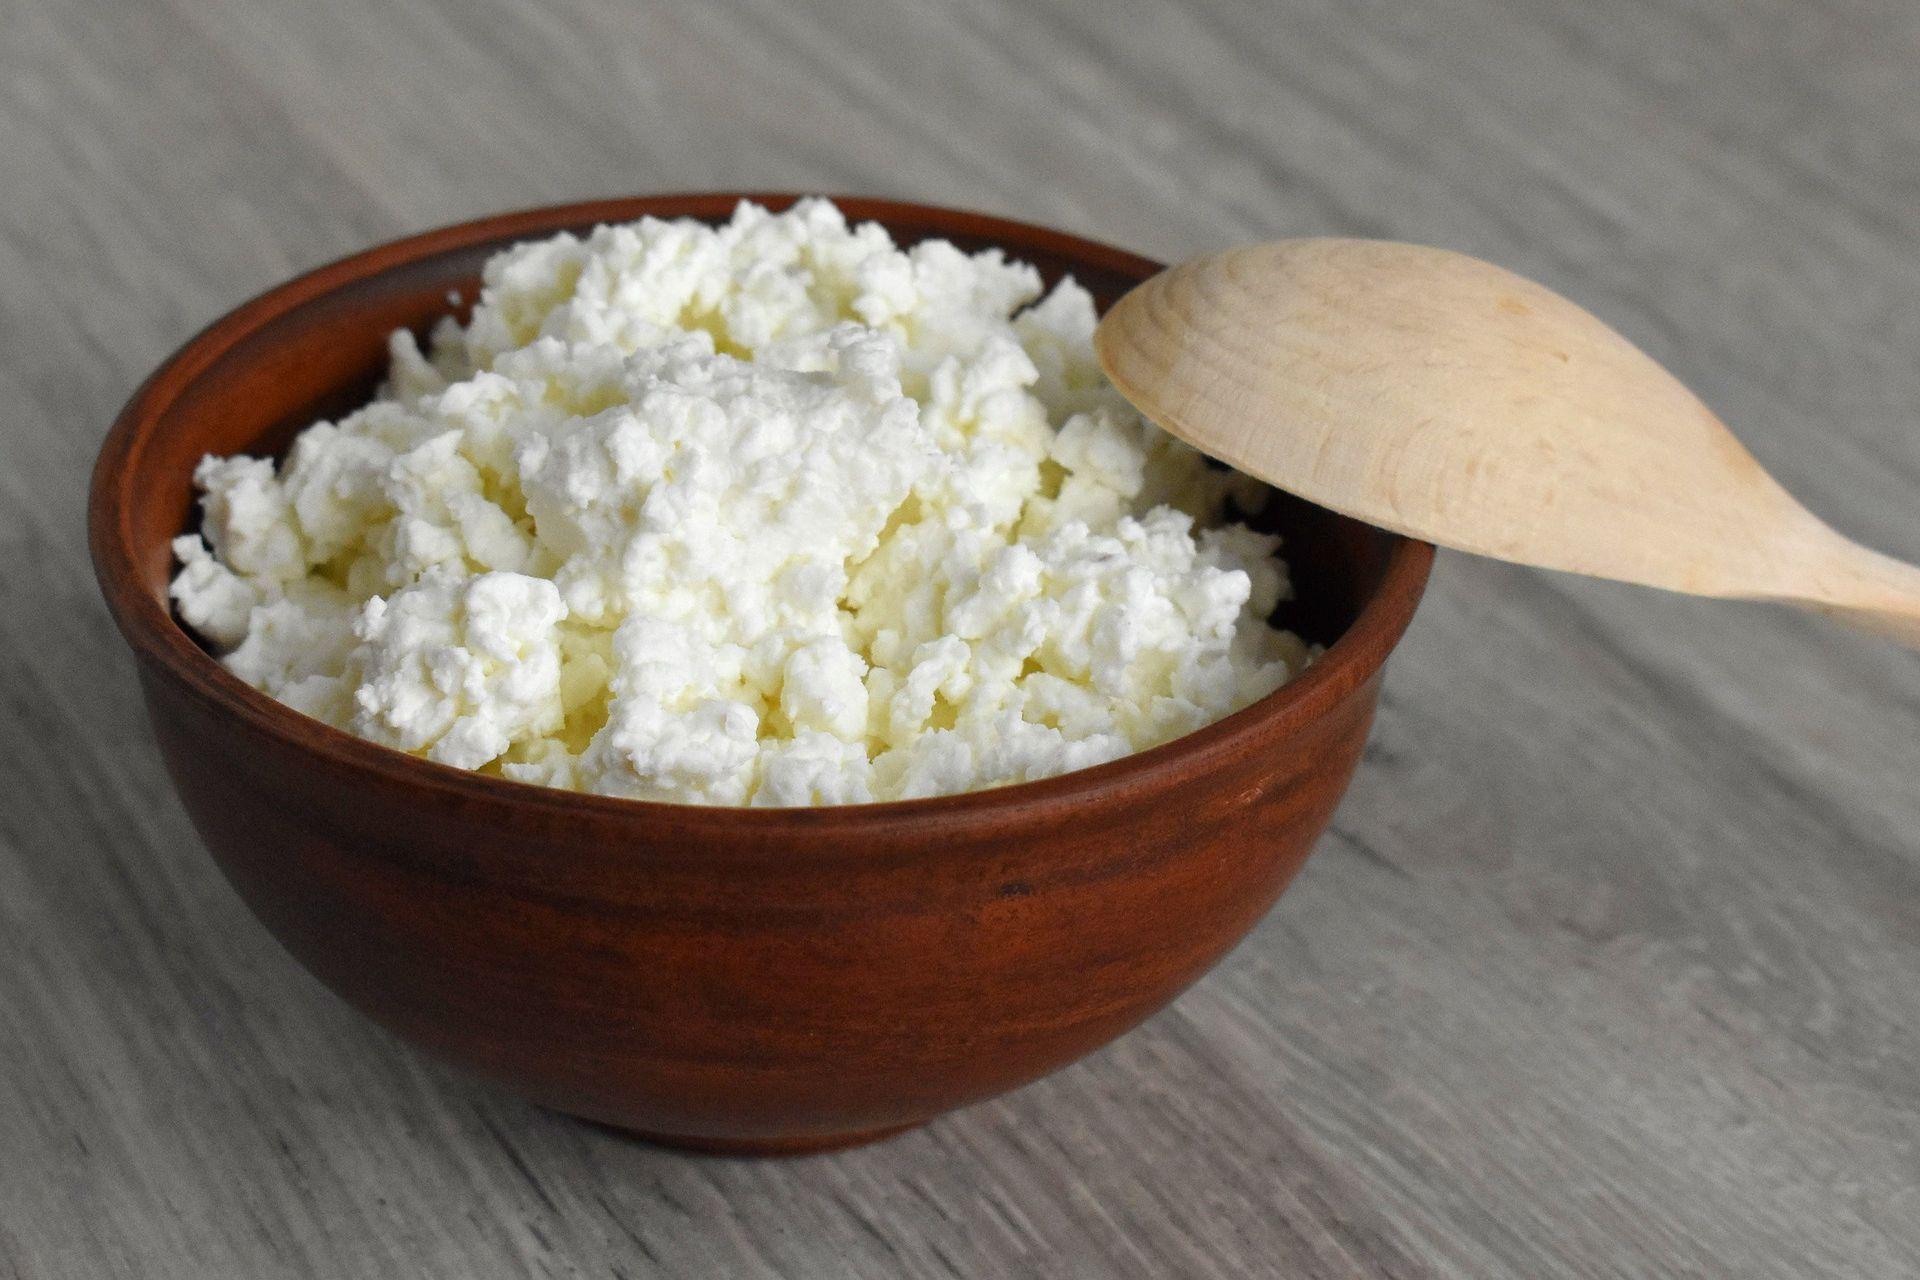 Fermentirani mlečni izdelki, kot je skuta, so tudi bogati s probiotiki.